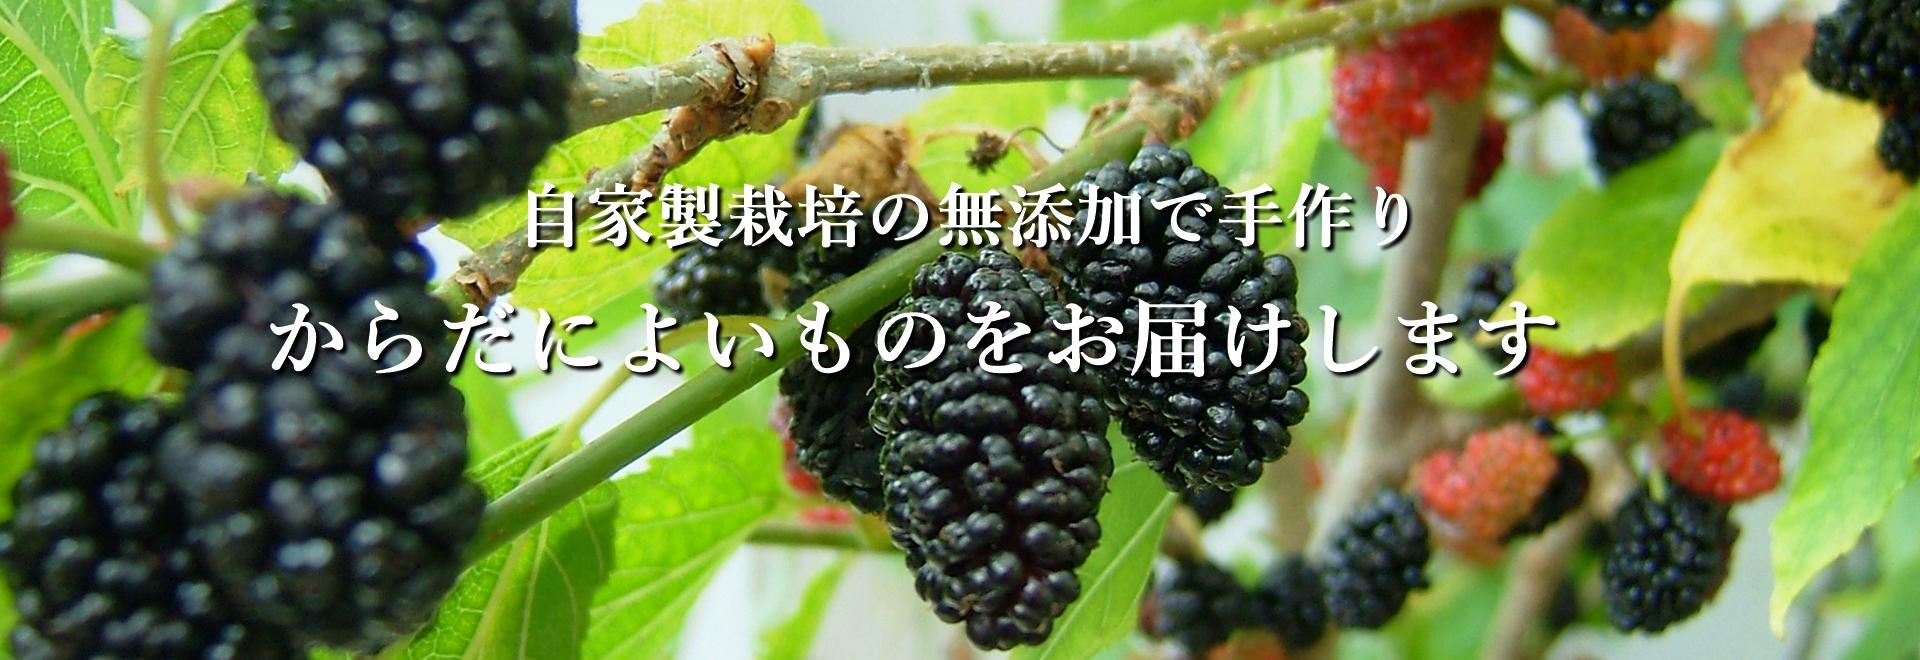 鳥取県北栄町 マルベリーコンポート・桑の葉茶・ドライいちじく